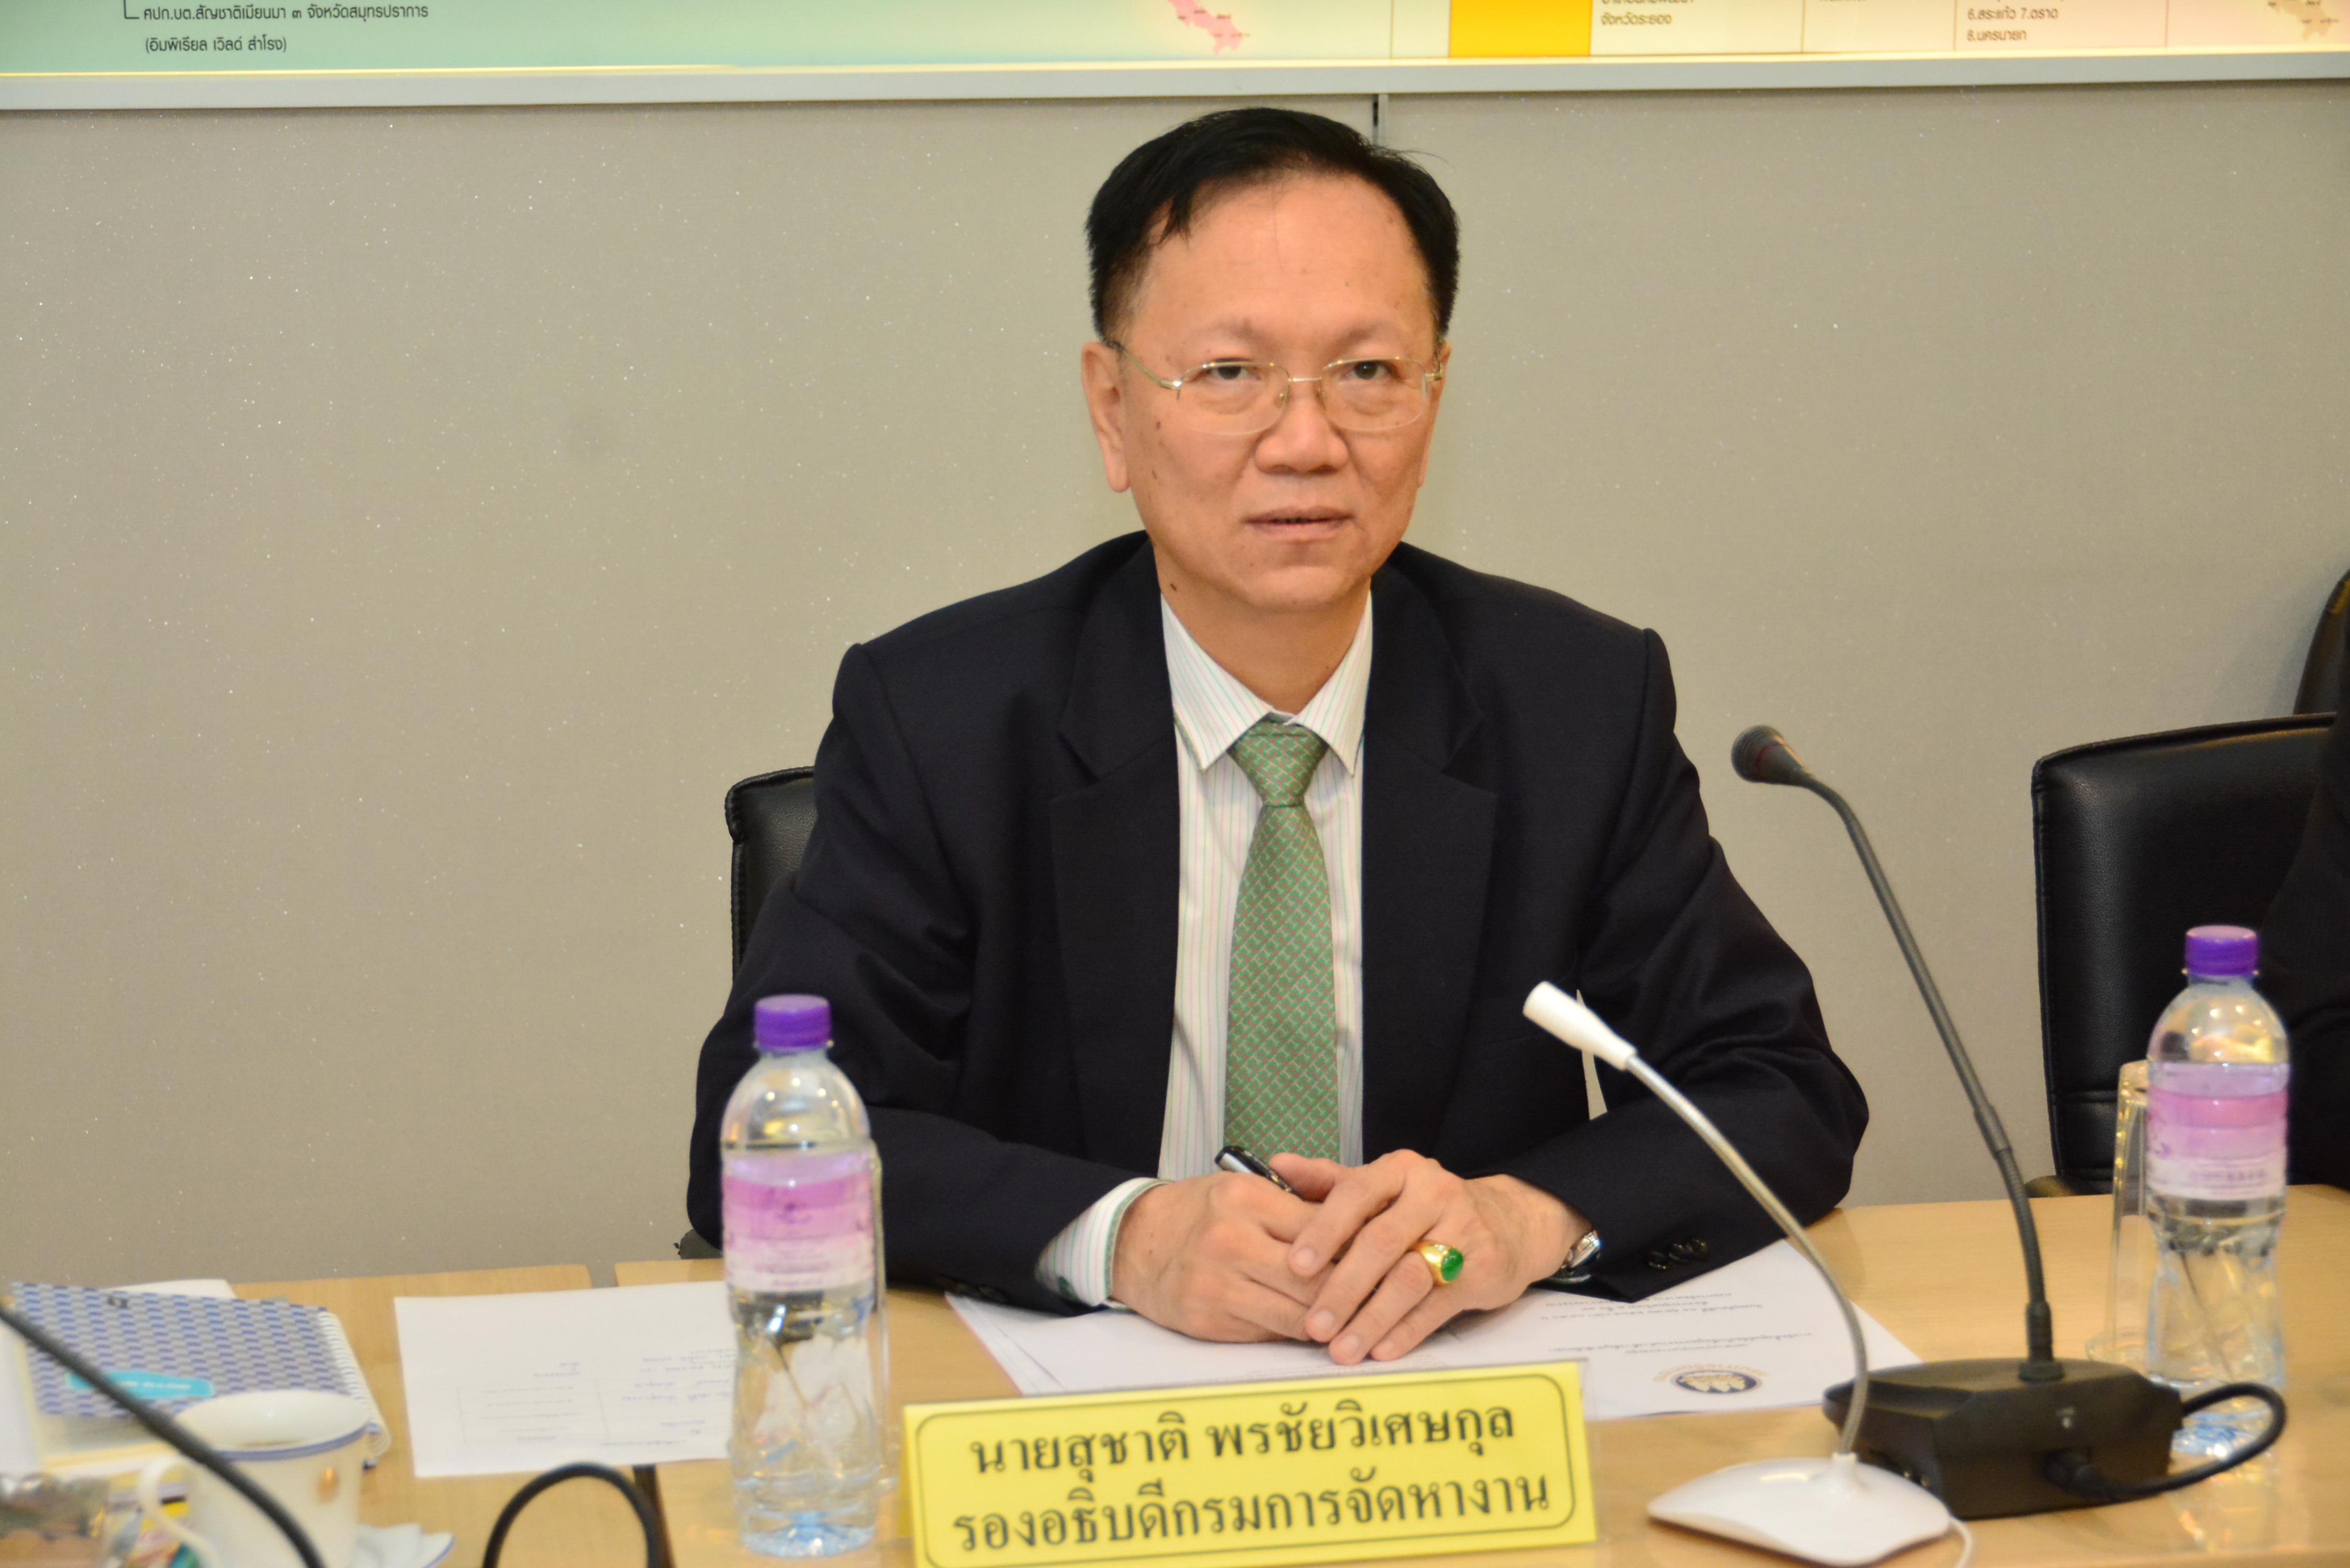 กระทรวงแรงงาน  ประชุมการจัดตั้งศูนย์จัดเก็บข้อมูลแรงงานต่างด้าวสัญชาติเมียนมา